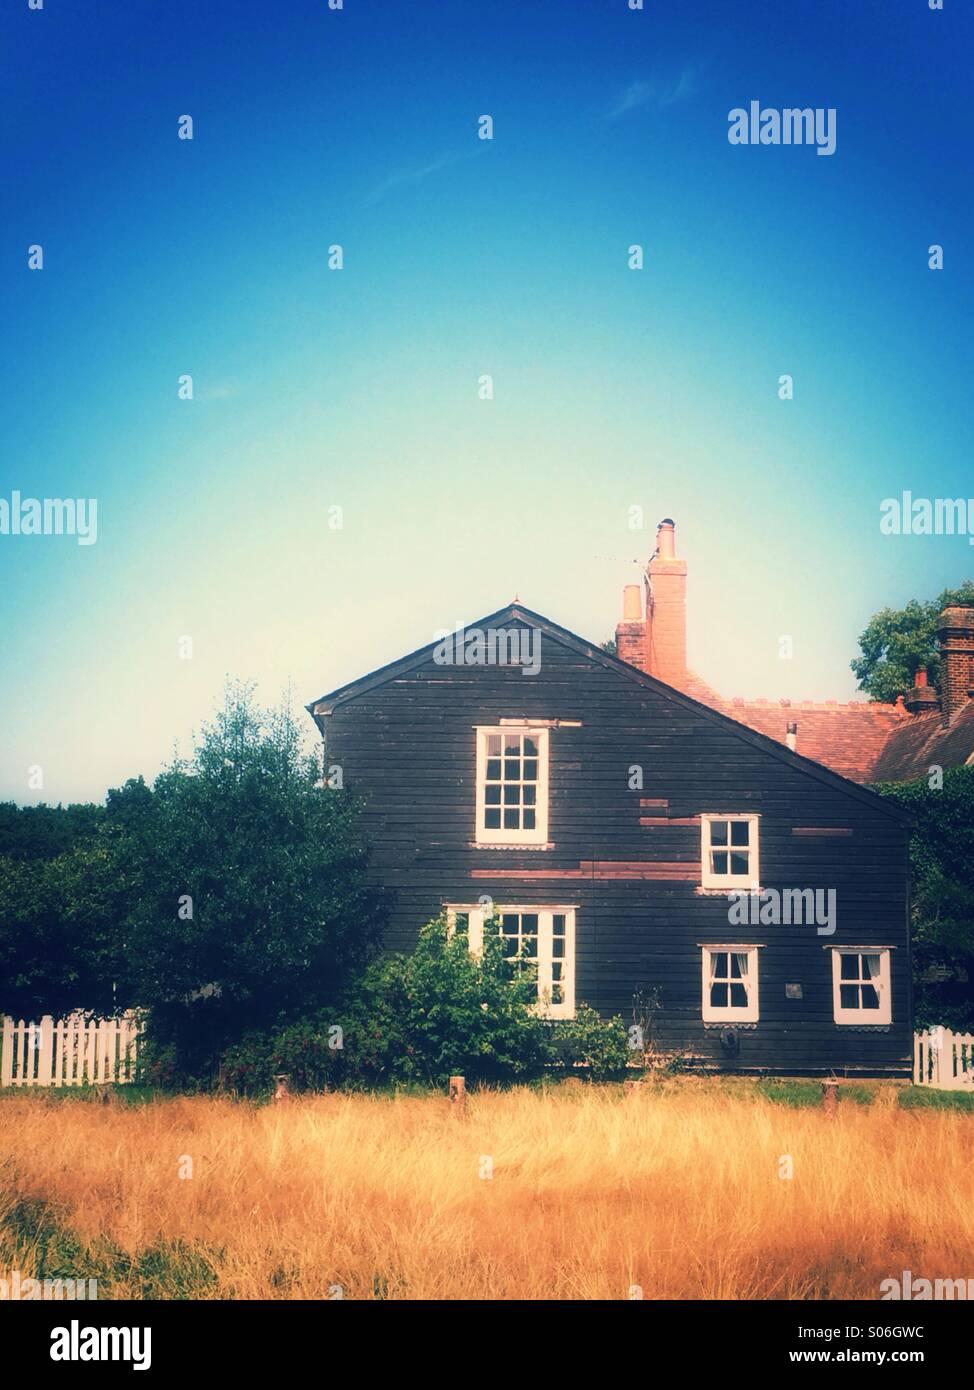 Haus in einem Feld Stockbild